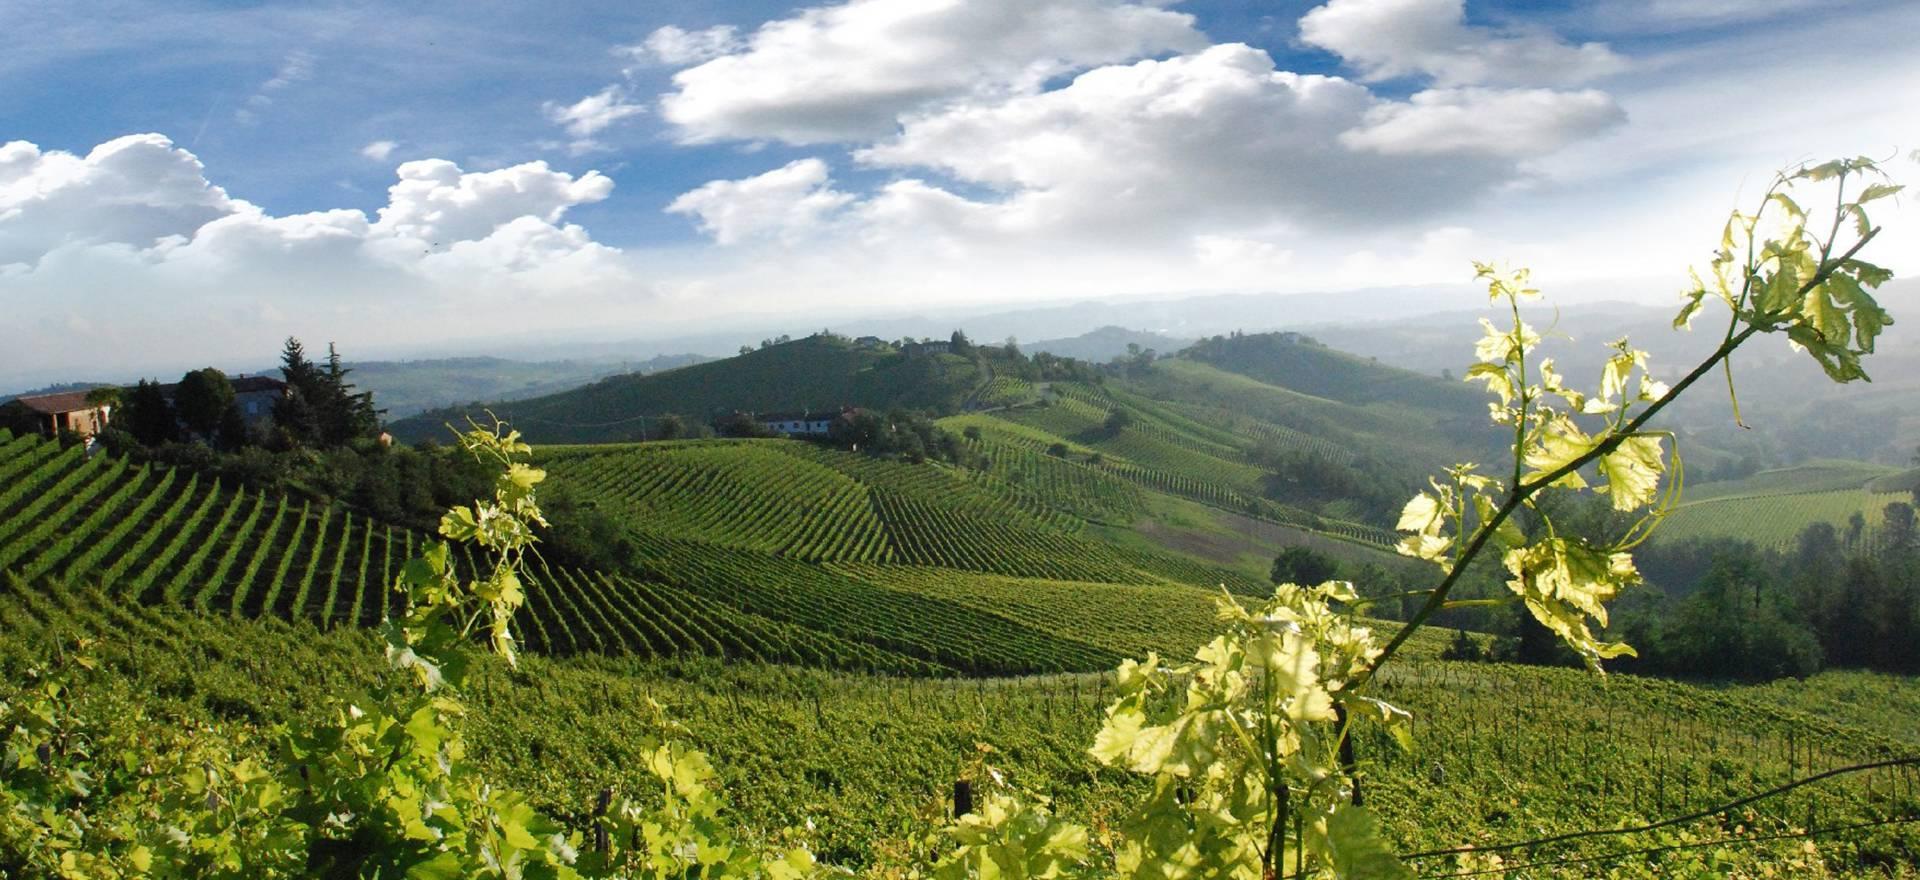 Agriturismo tussen de wijngaarden van Piemonte